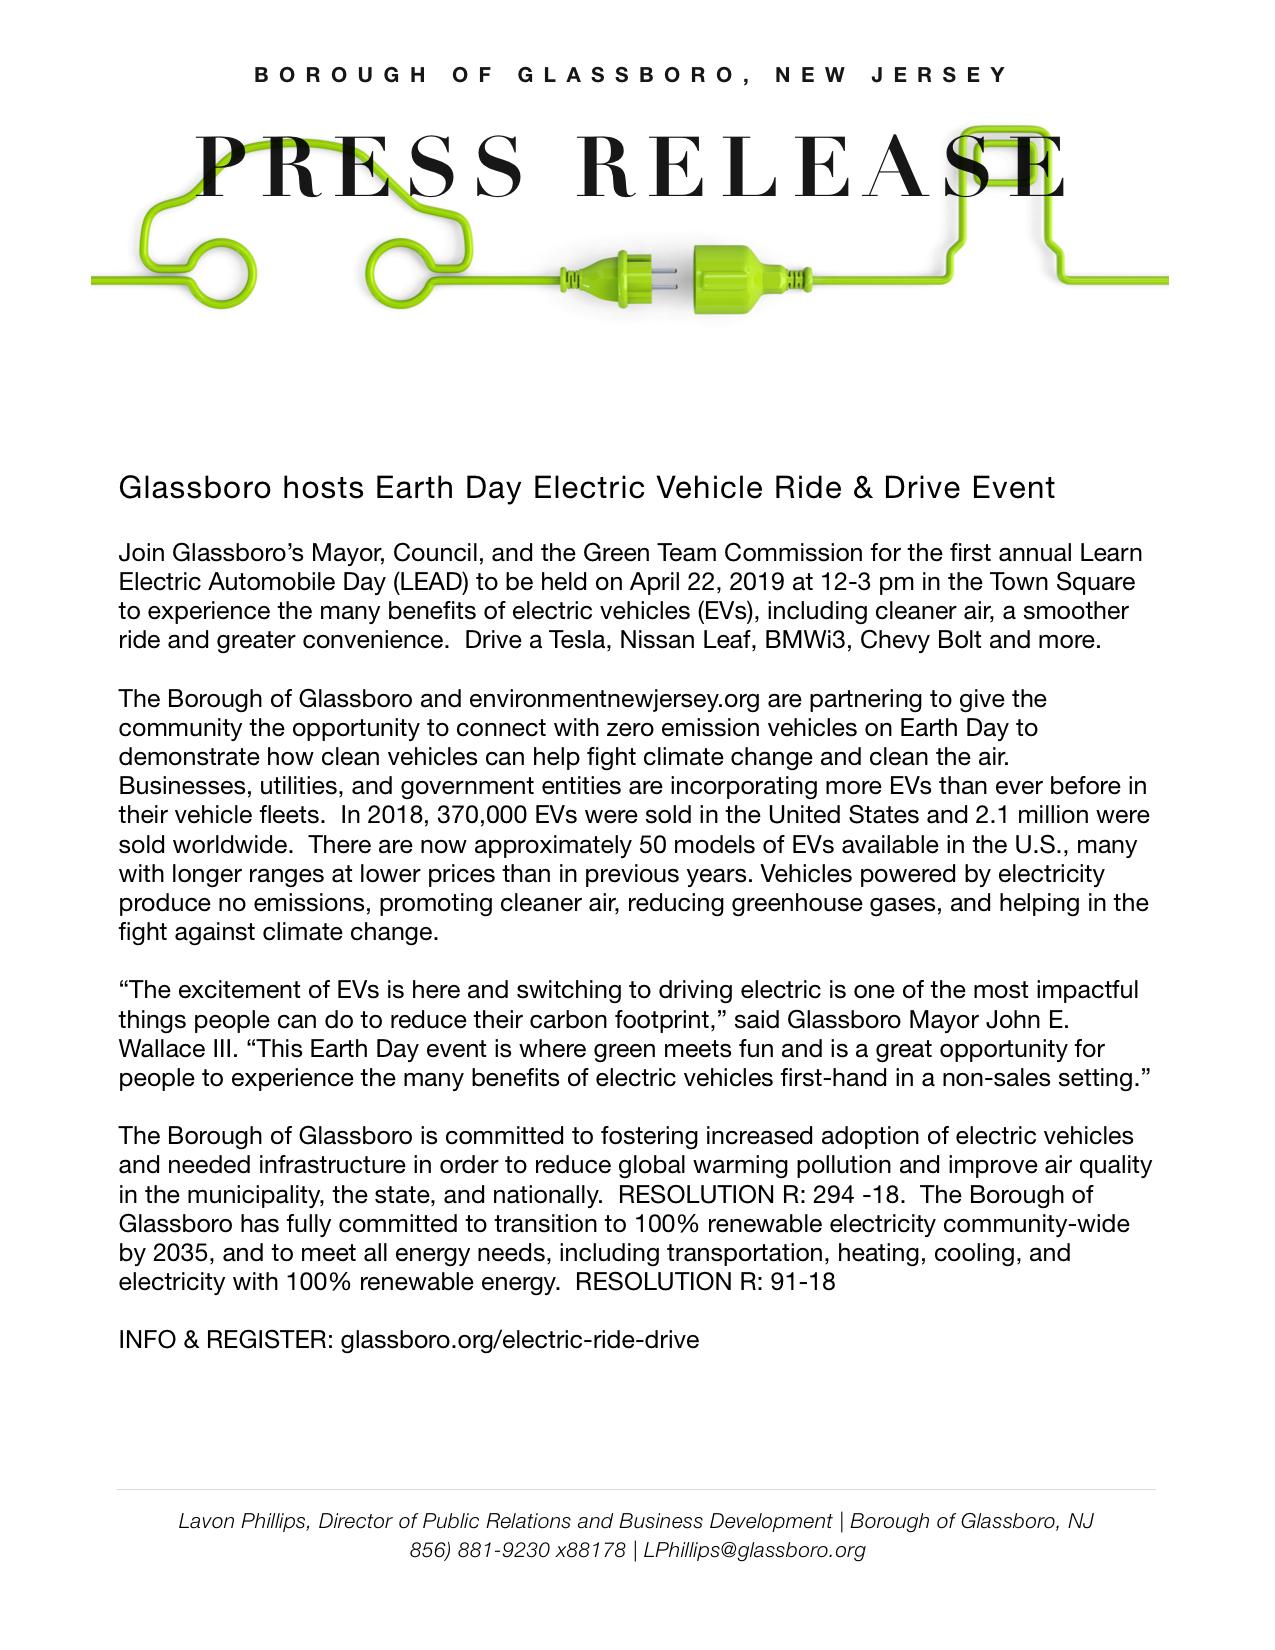 Glassboro NJ Press Release for Earth Day Ride & Drive Event.jpeg